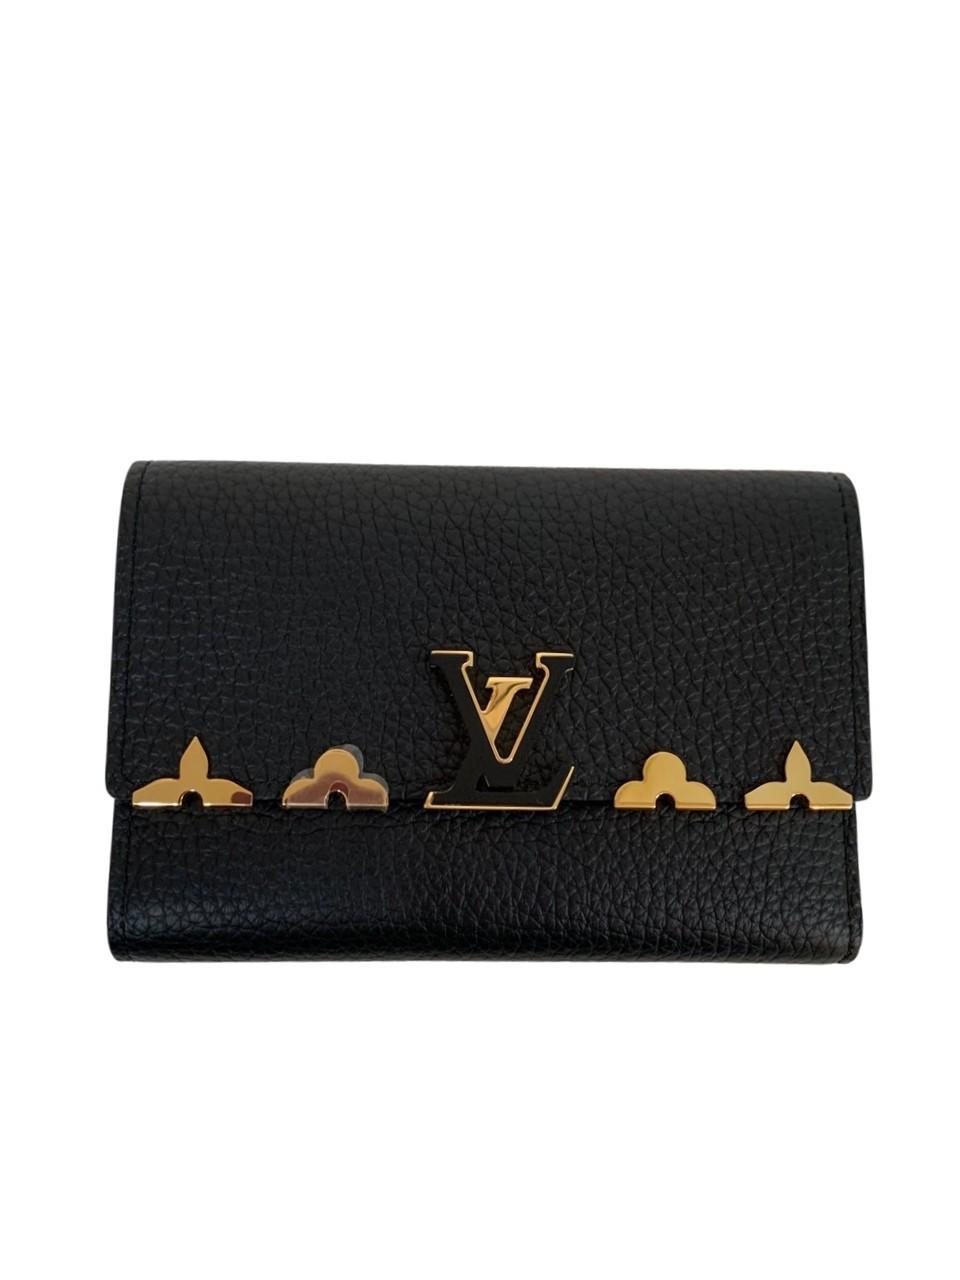 Carteira Louis Vuitton Capucines Compact Preta